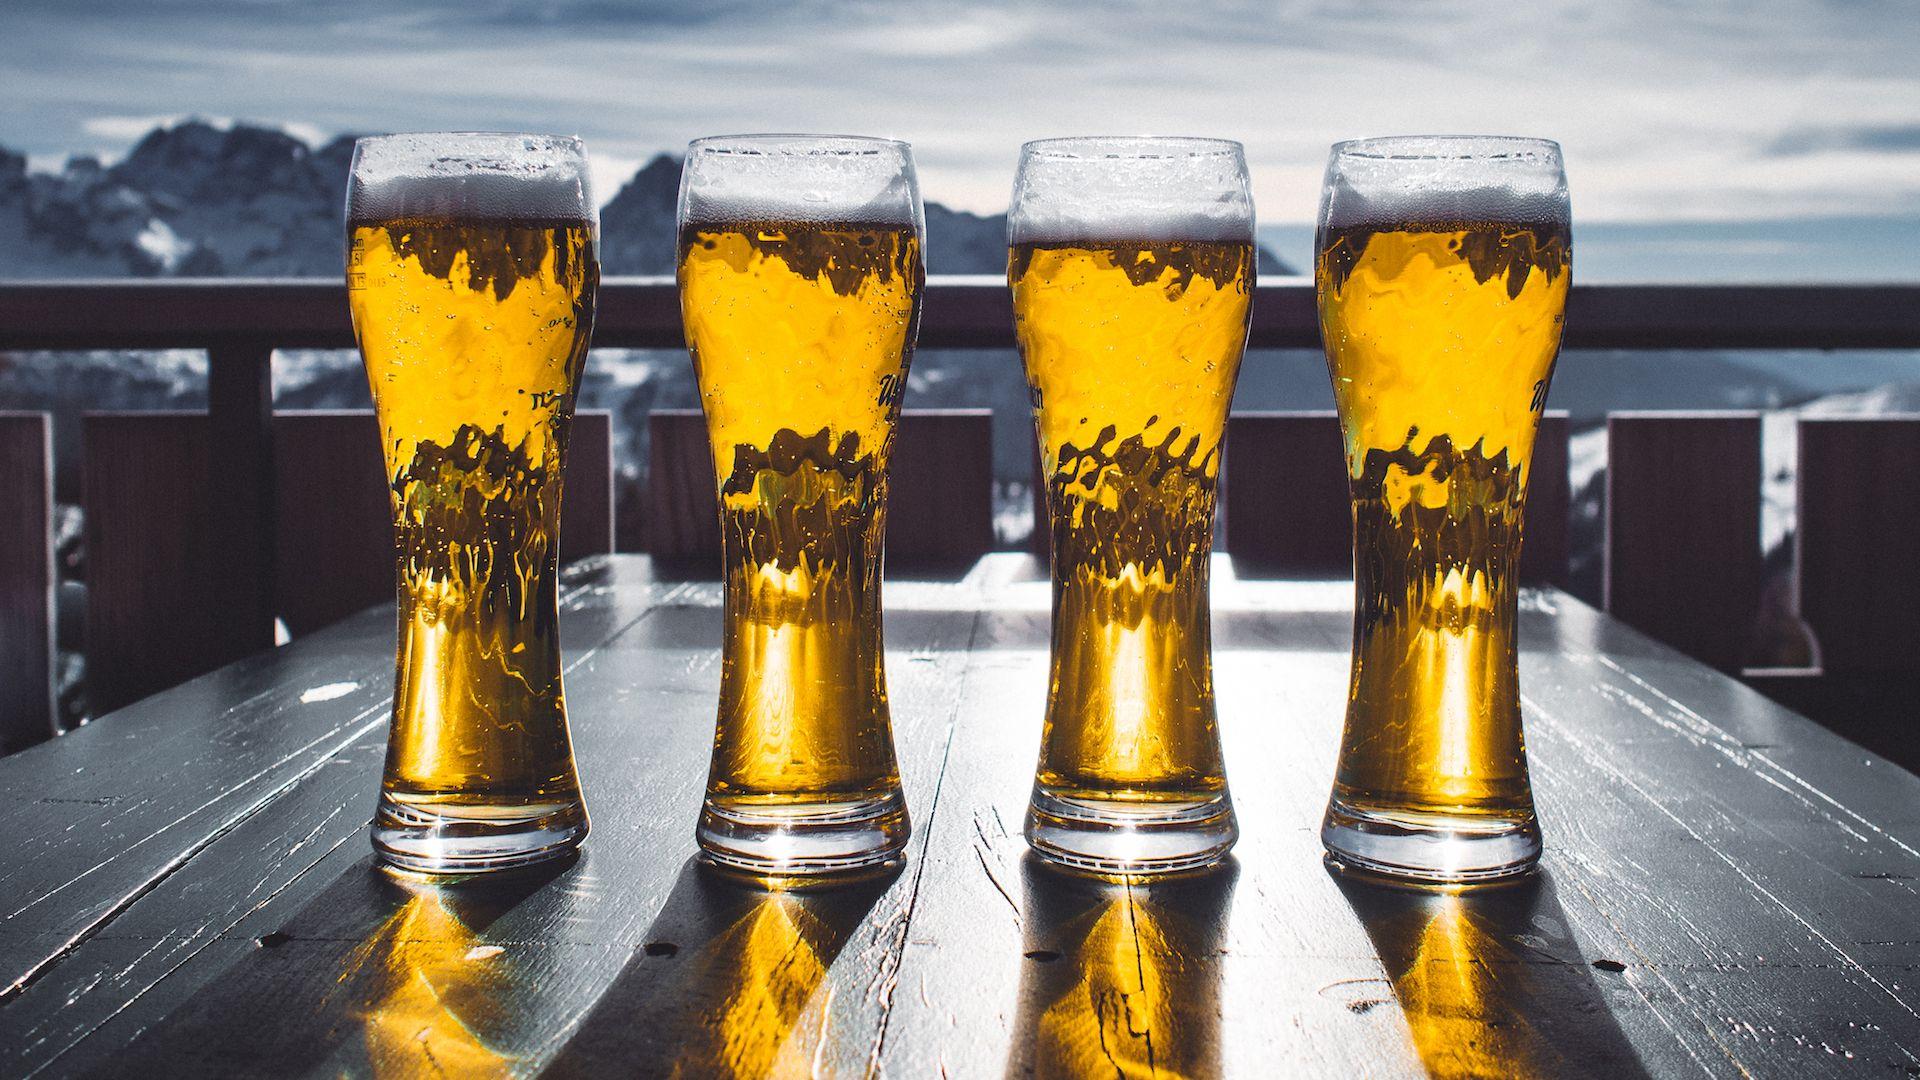 Los 10 destinos que son tendencia para los amantes de la cerveza: ranking 2018